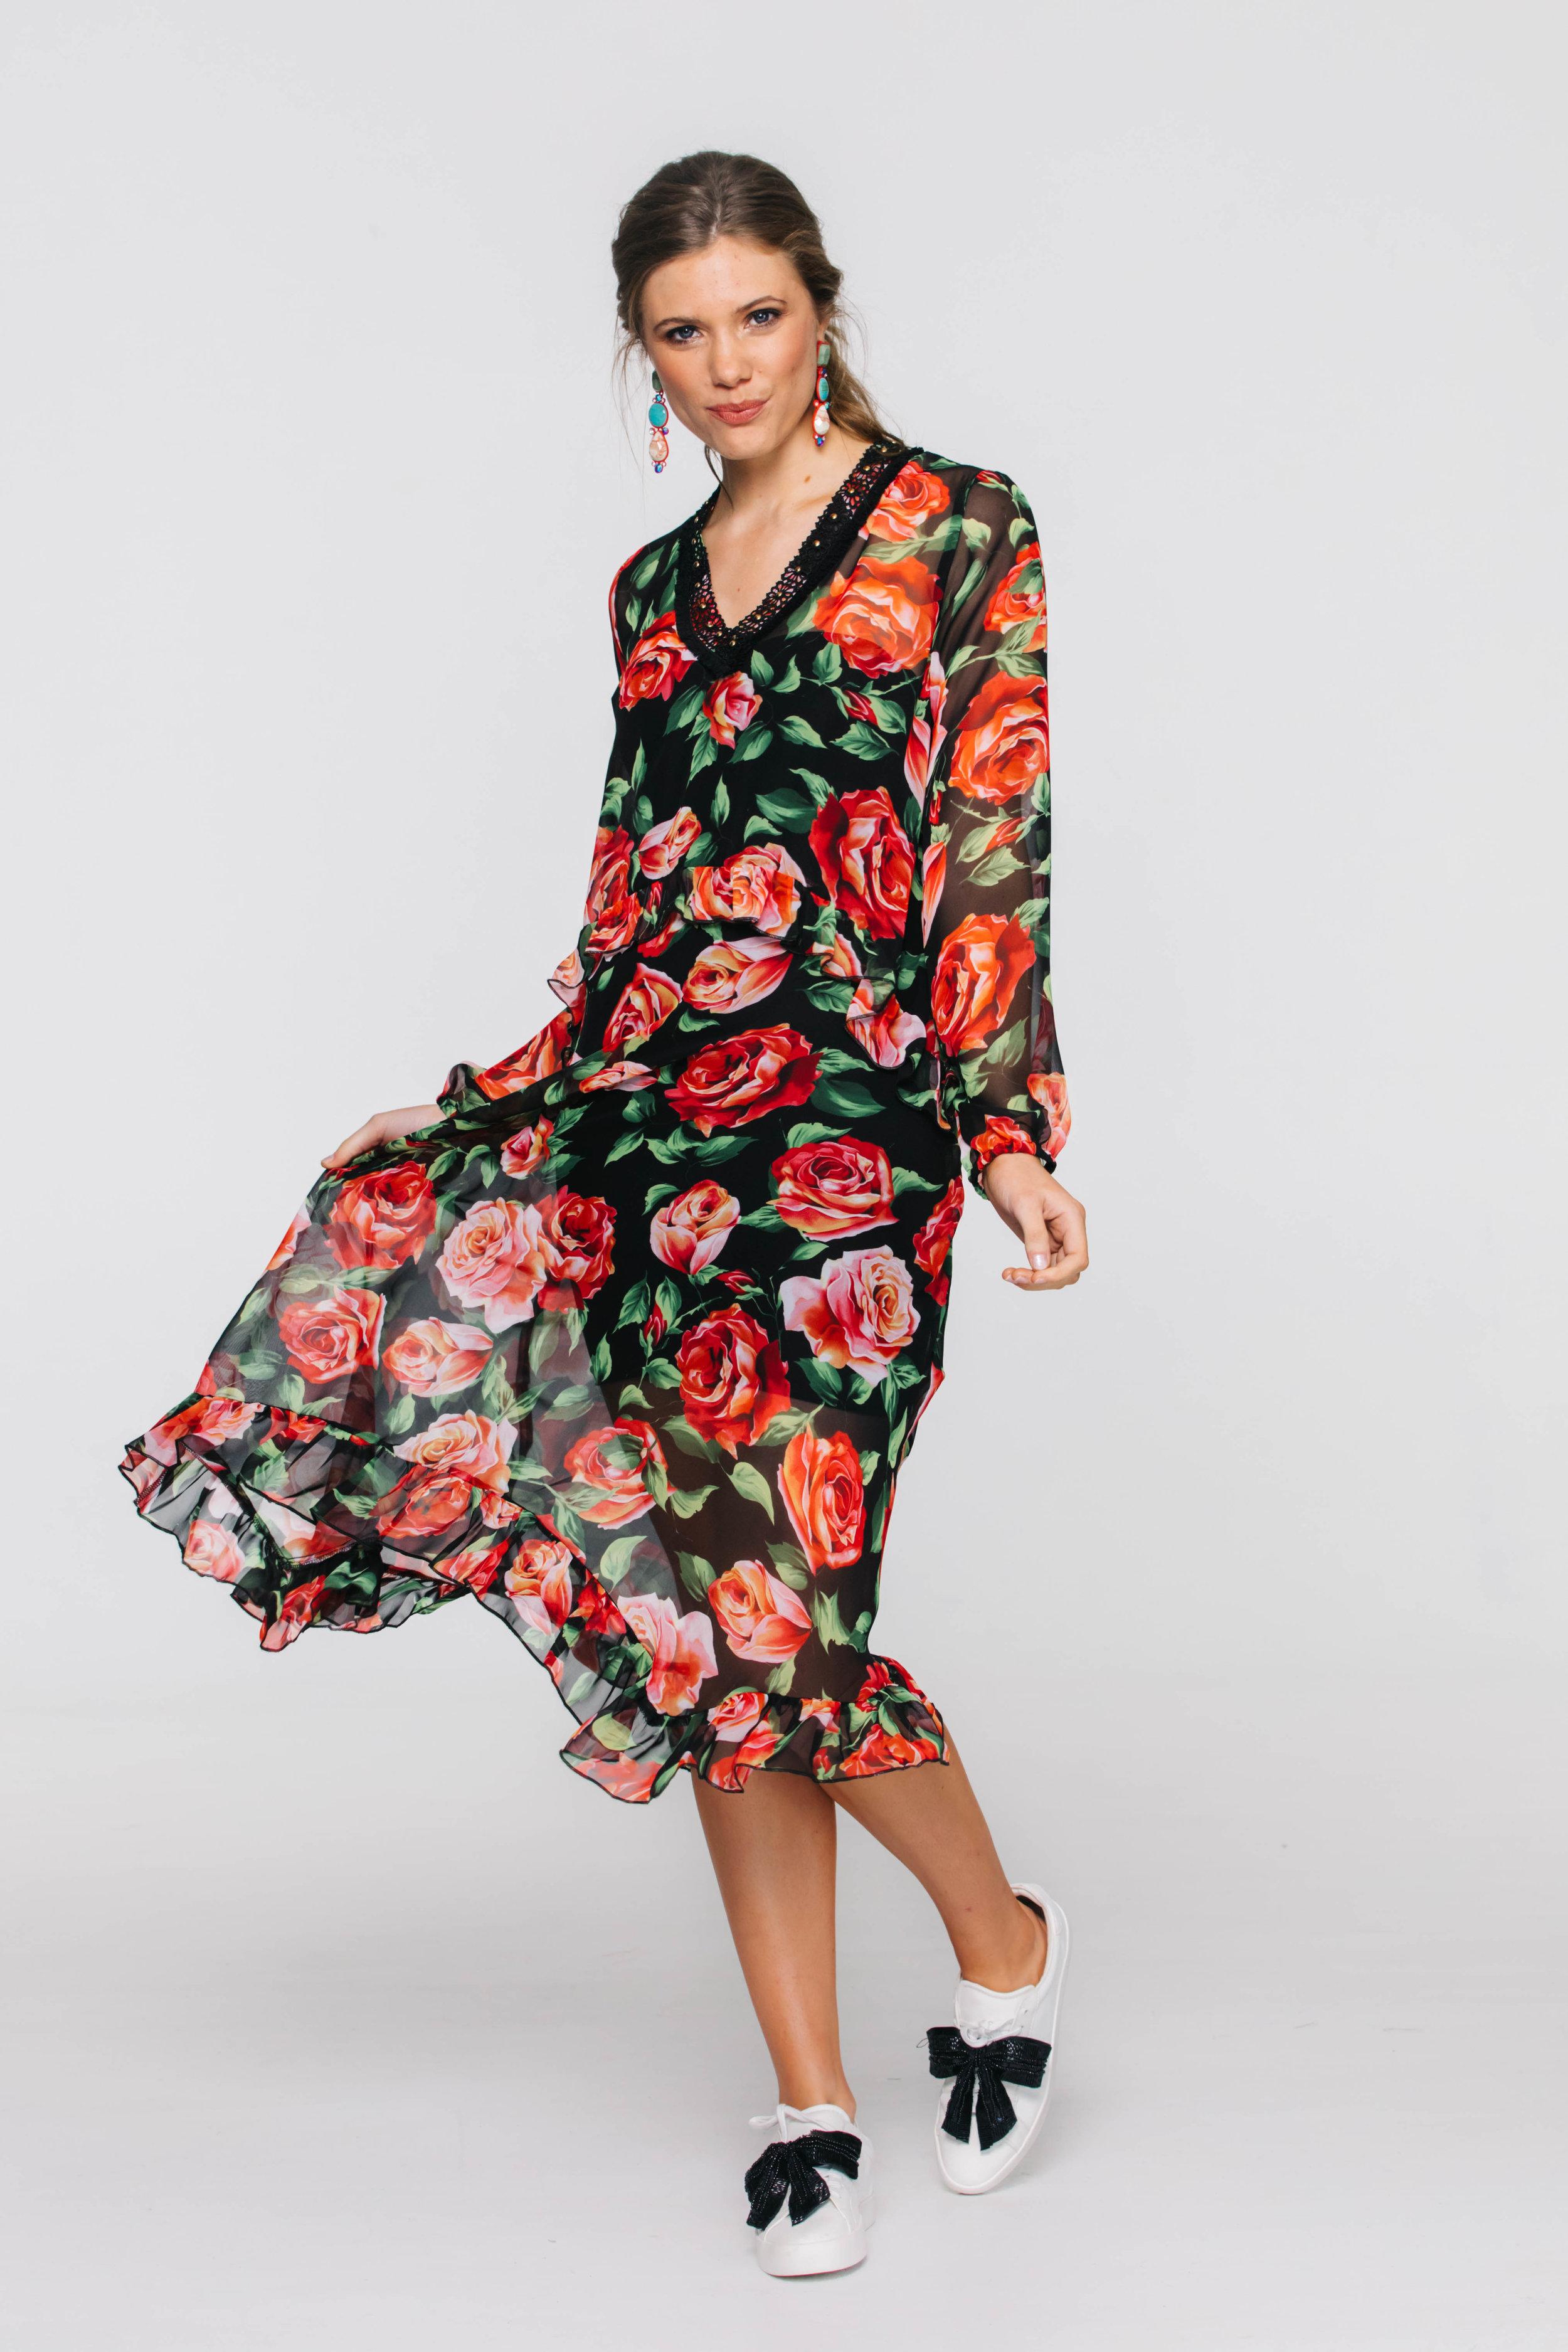 6195V Kiss Me Dress, Dolce Rose Chiffon Black